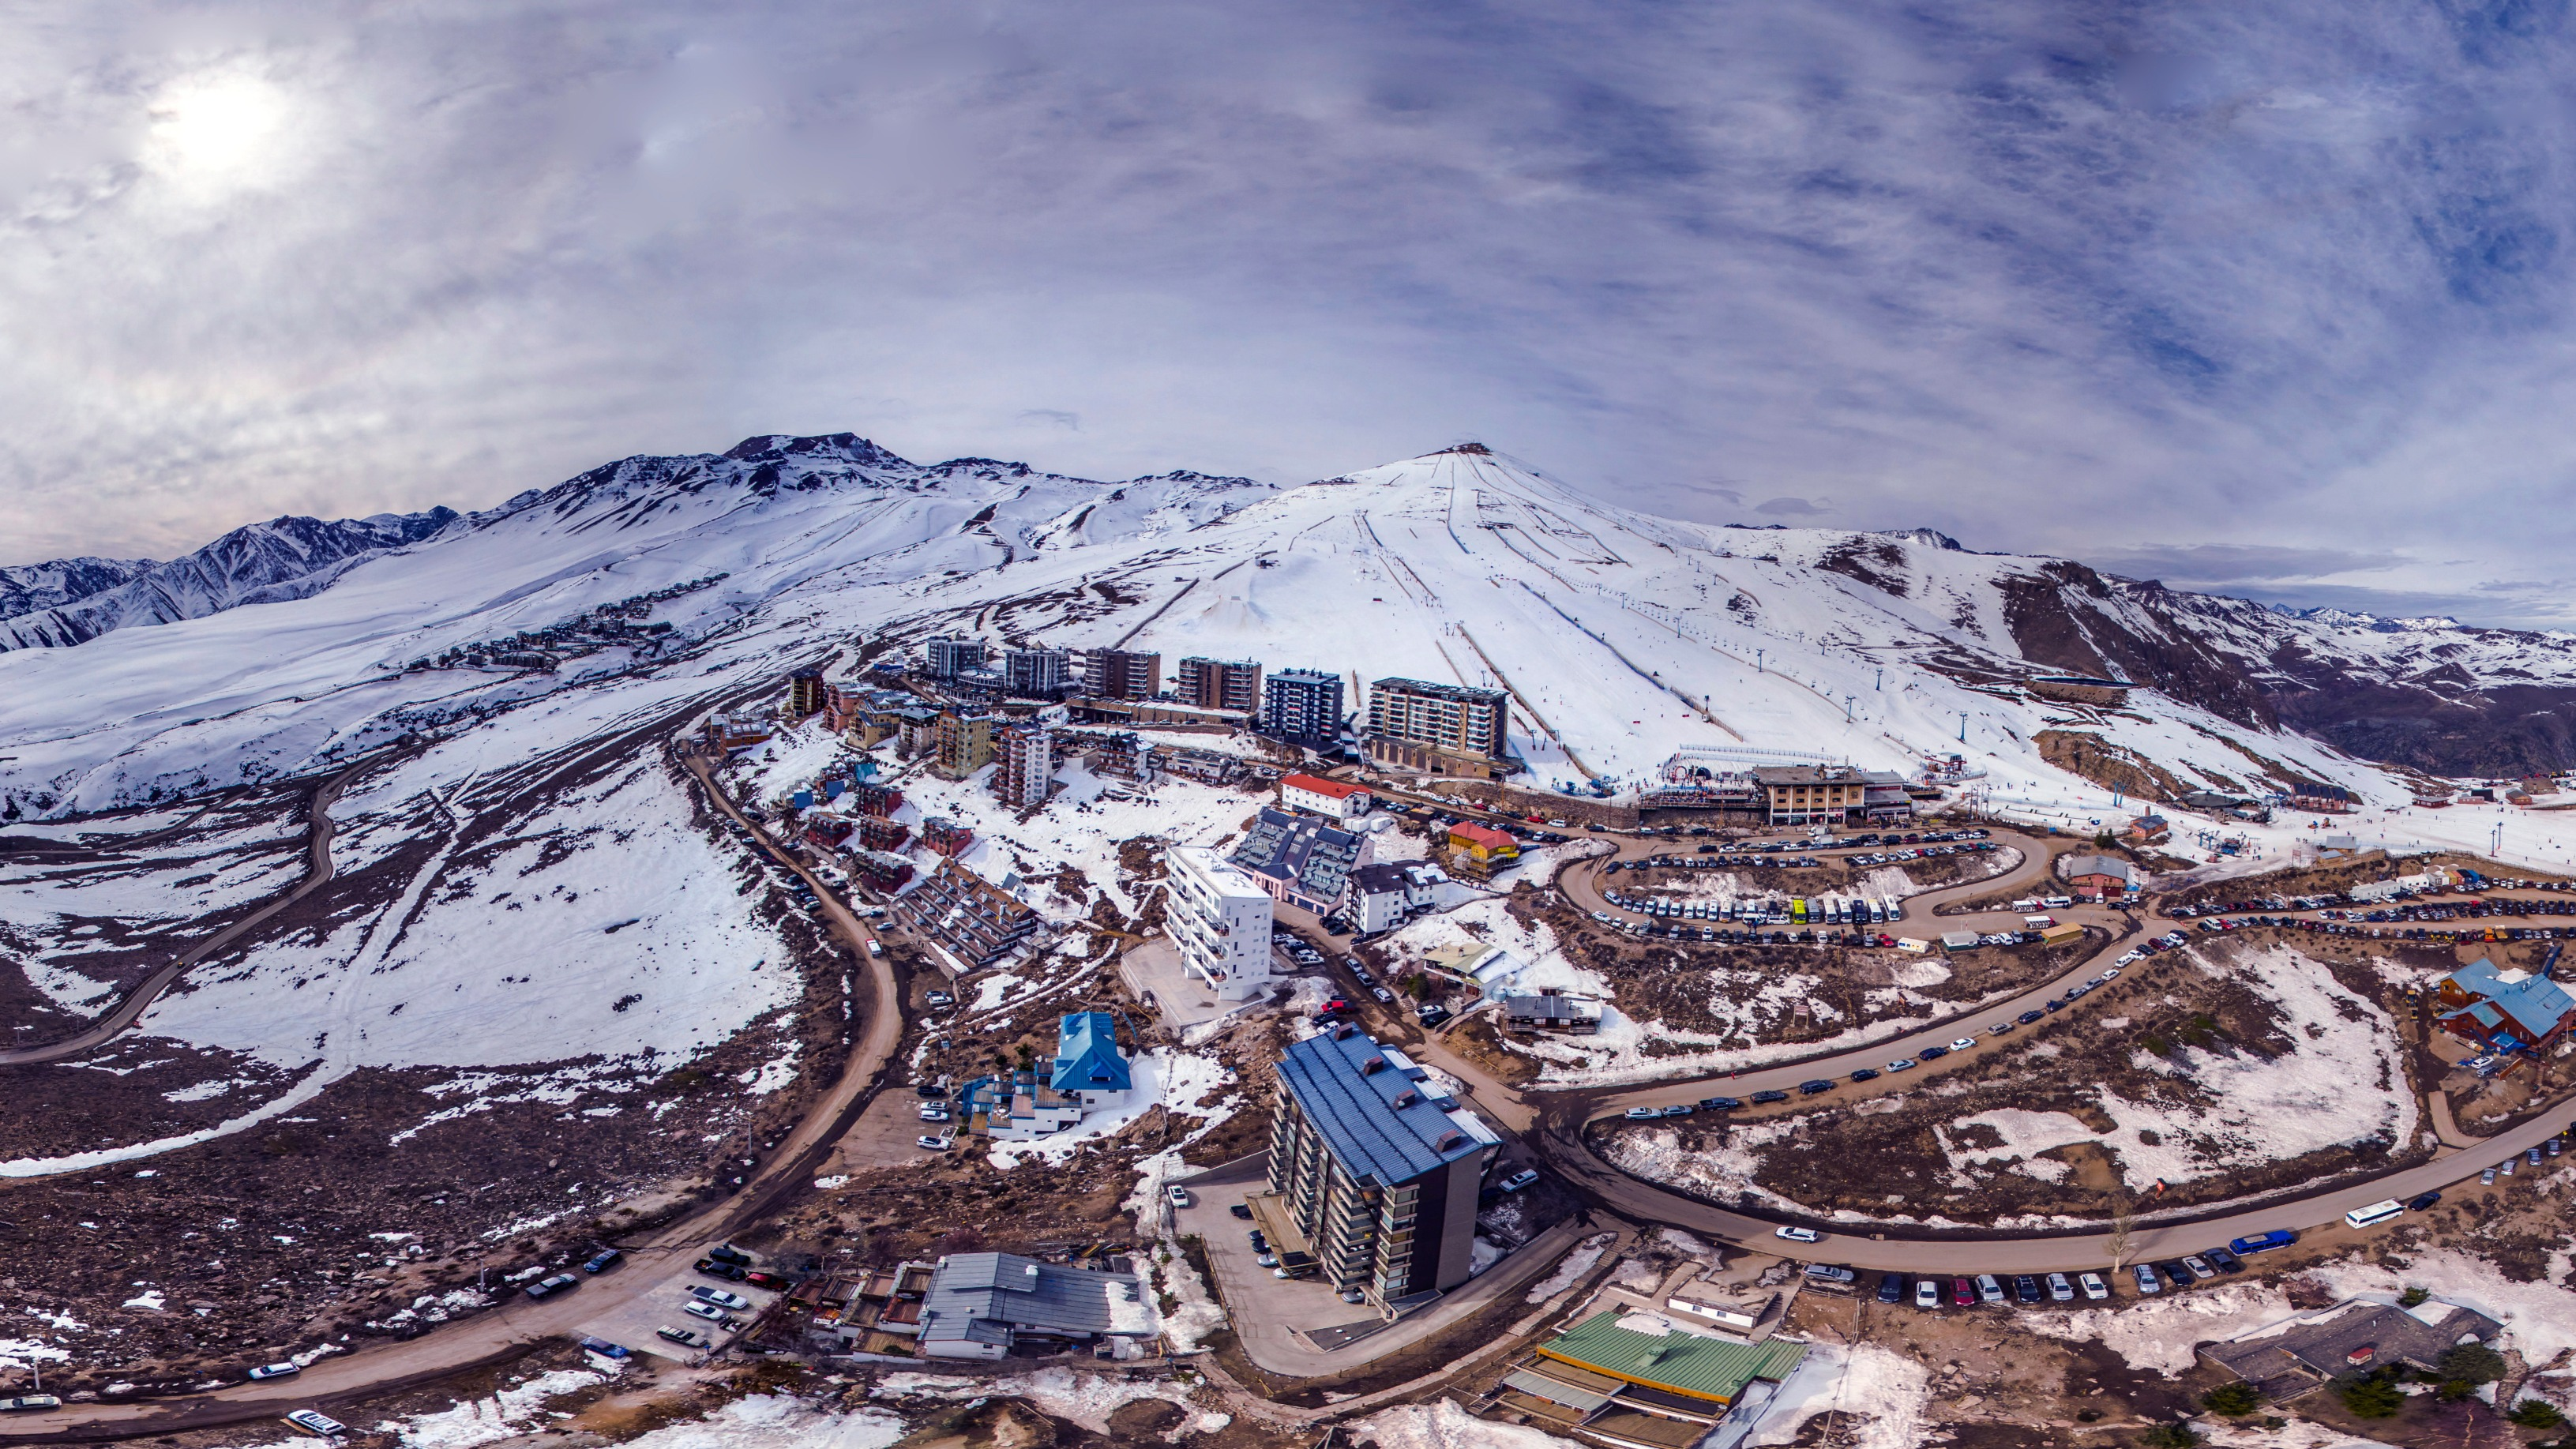 Centro Invernal El Colorado Santiago